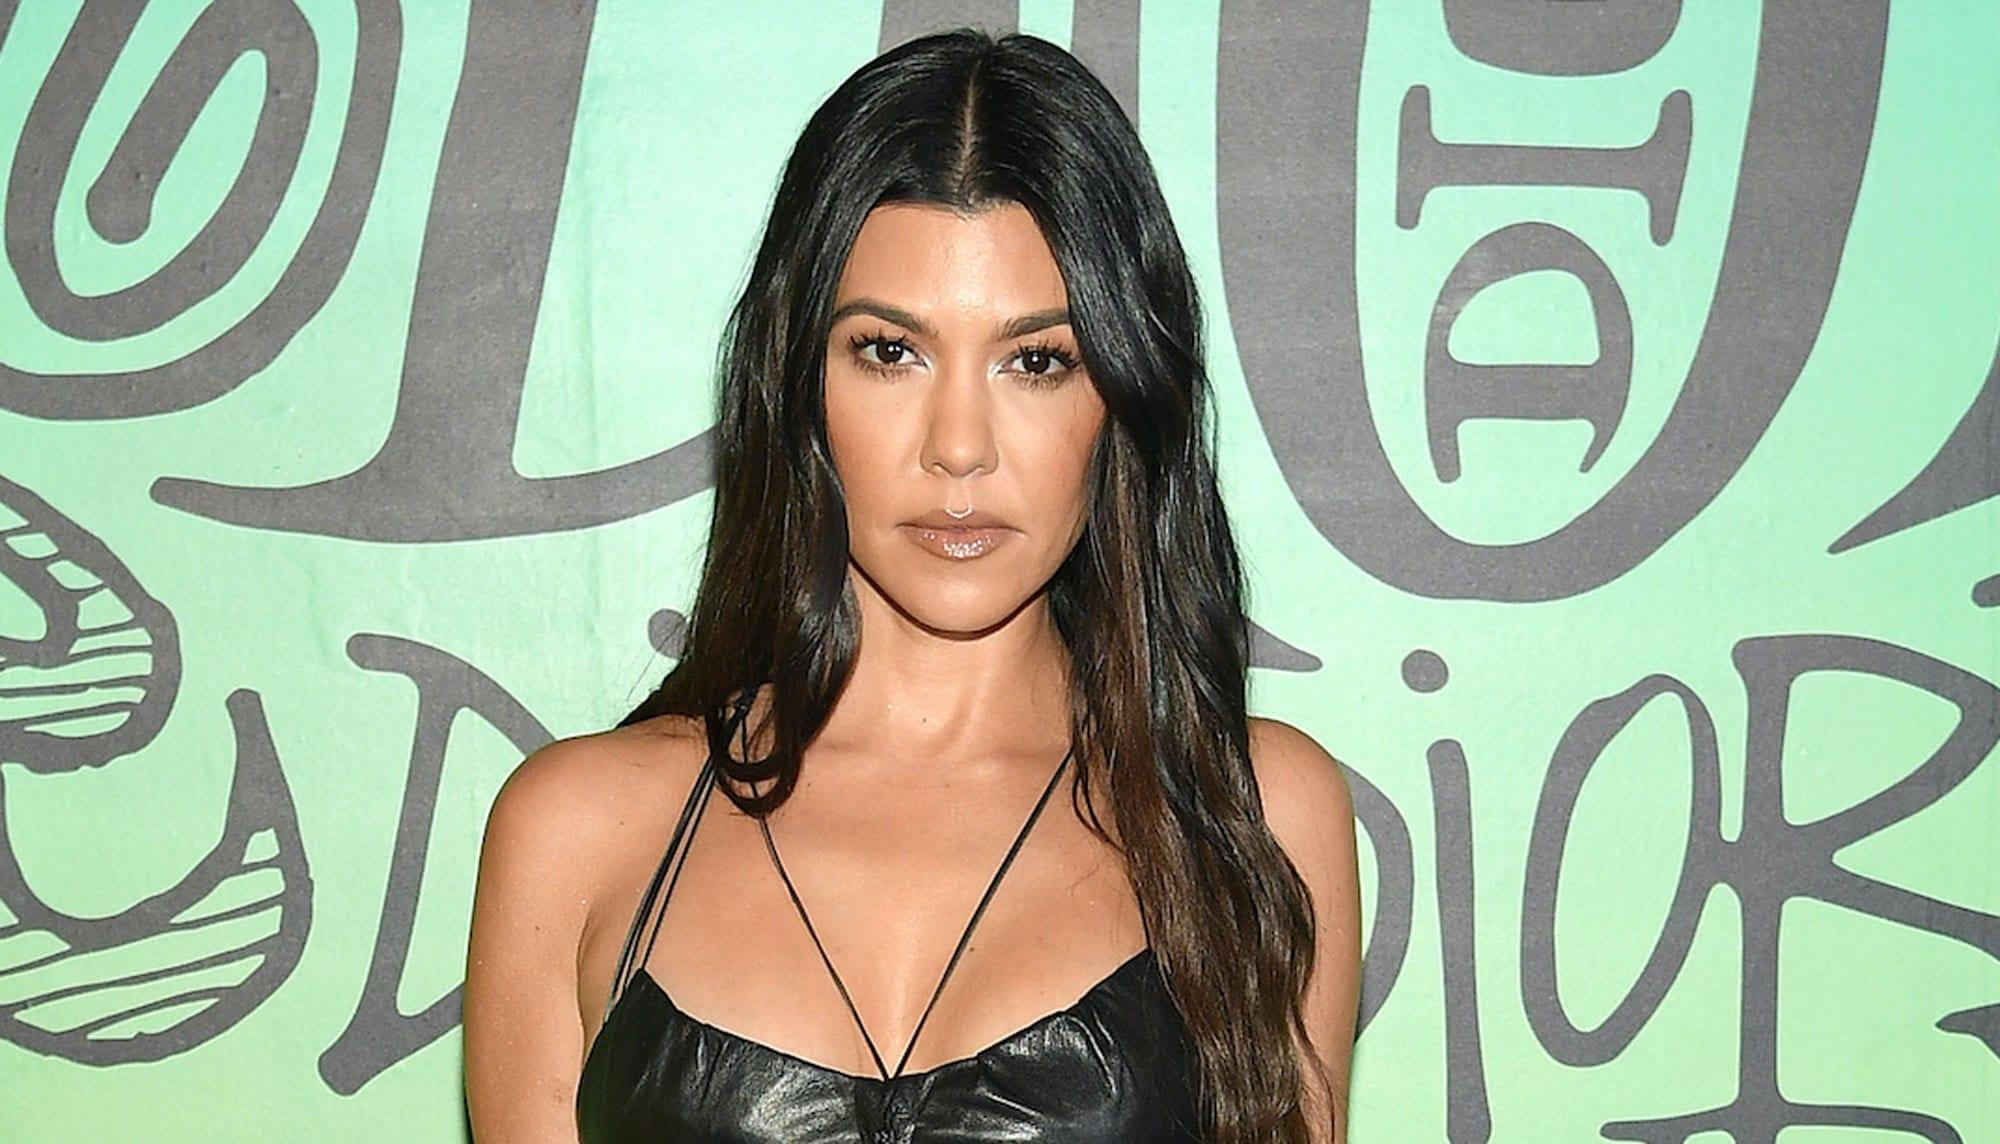 Who is Kourtney Kardashian dating in 2021?